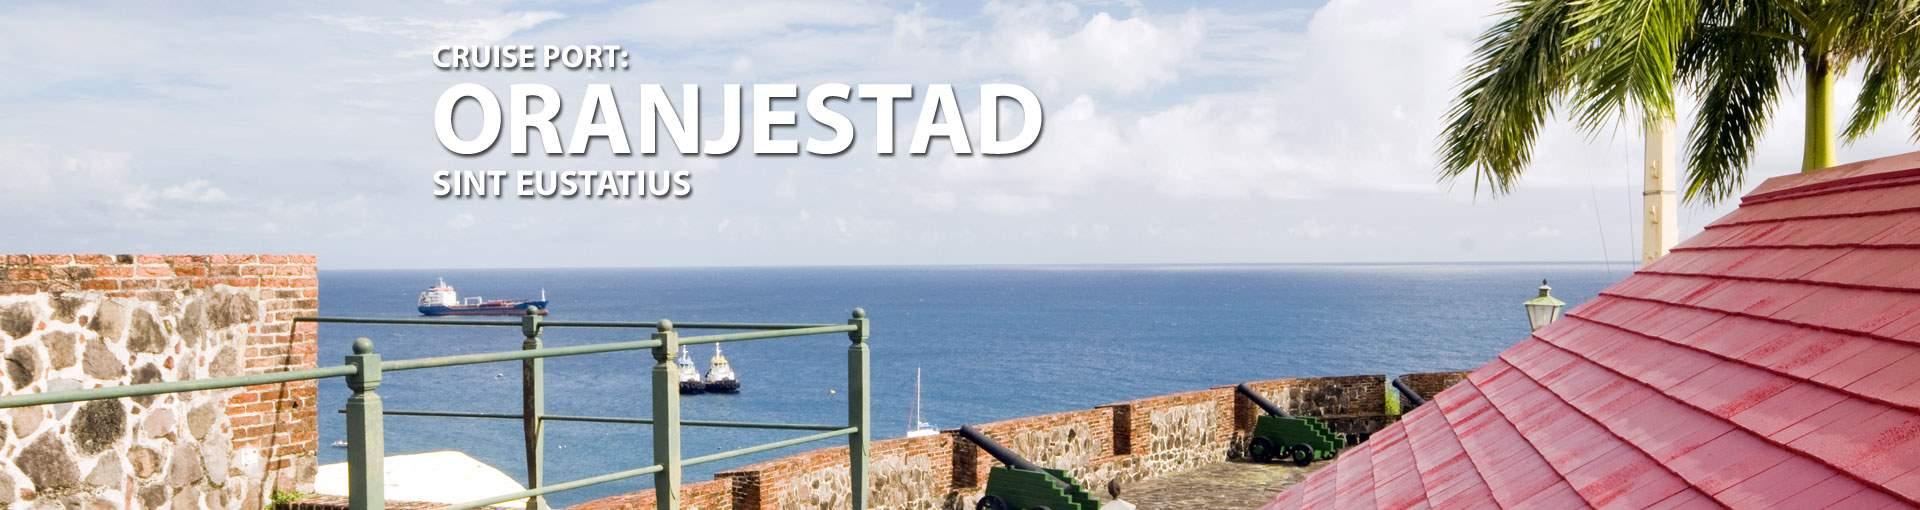 Cruises to Oranjestad, Sint Eustatius